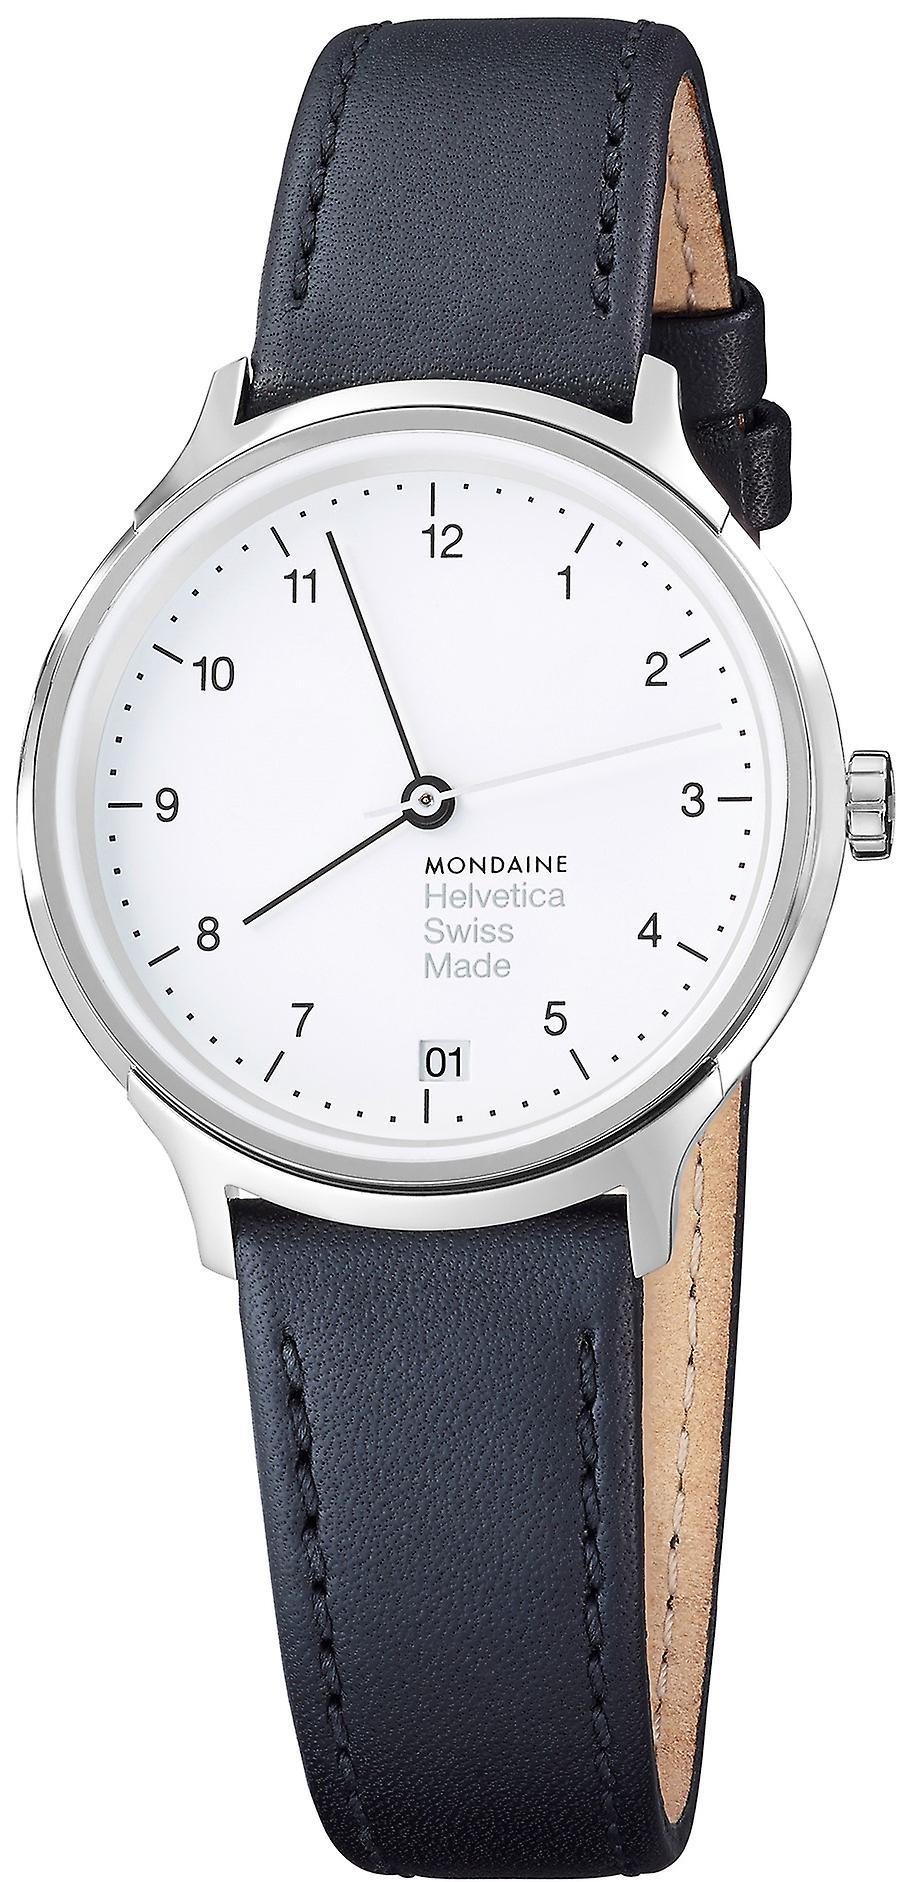 Mondaine Helvetica Black Leather Strap Ladies Watch MH1.R1210.LB 33mm